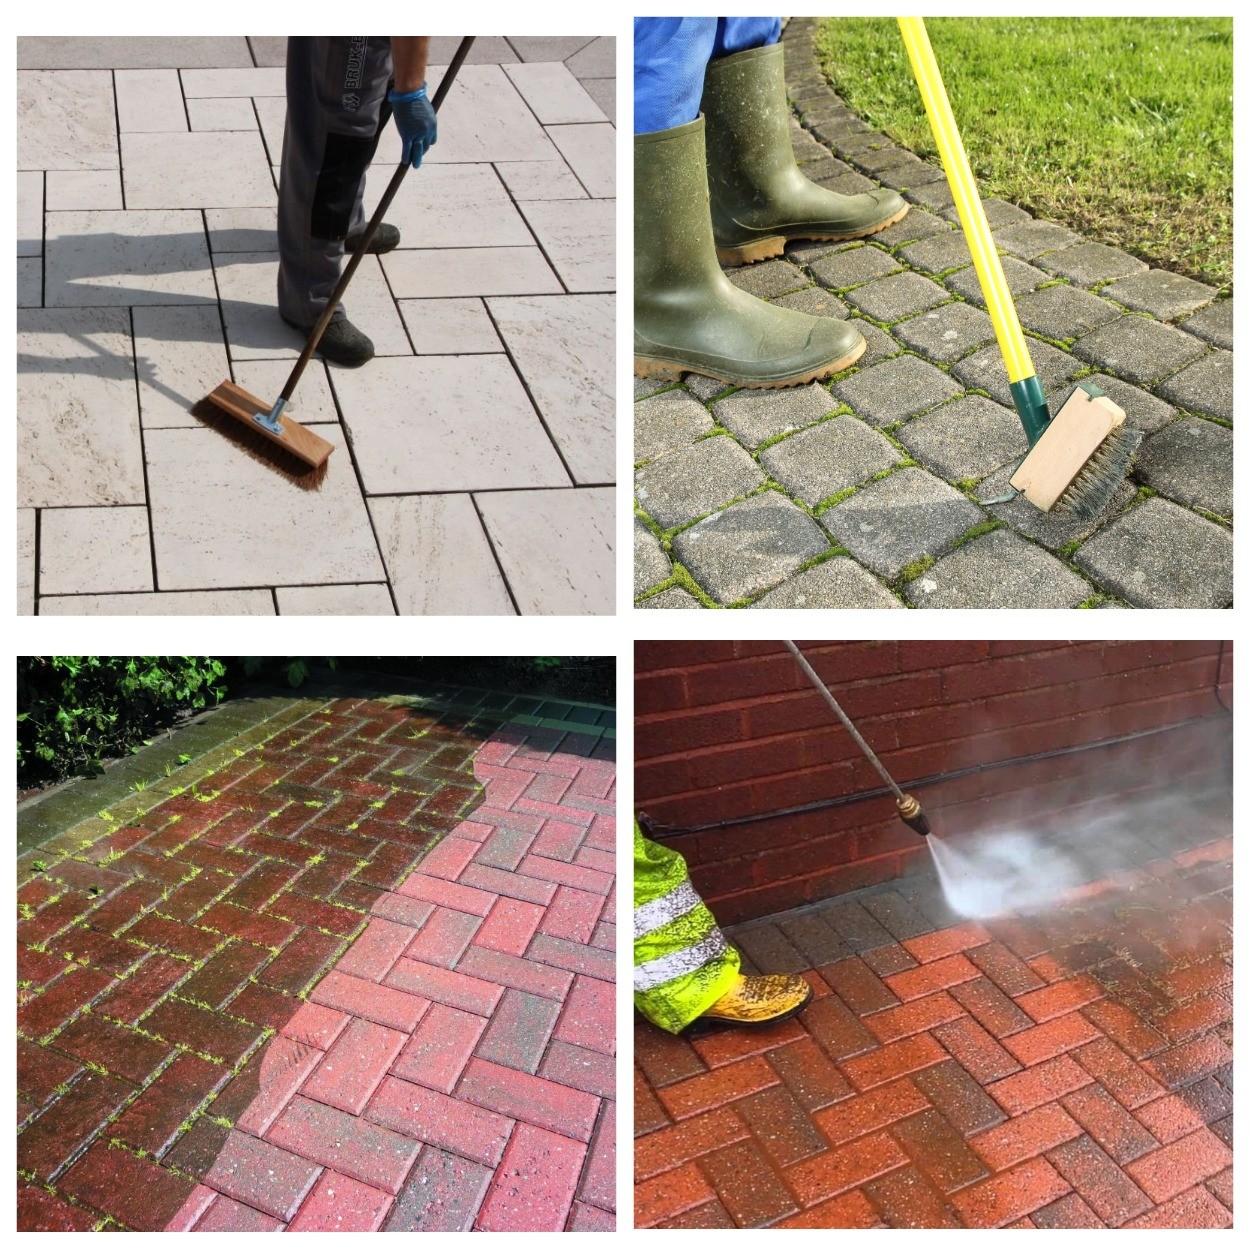 изображение очистки плитки от грязи и регулярного ухода за тротуарной плиткой